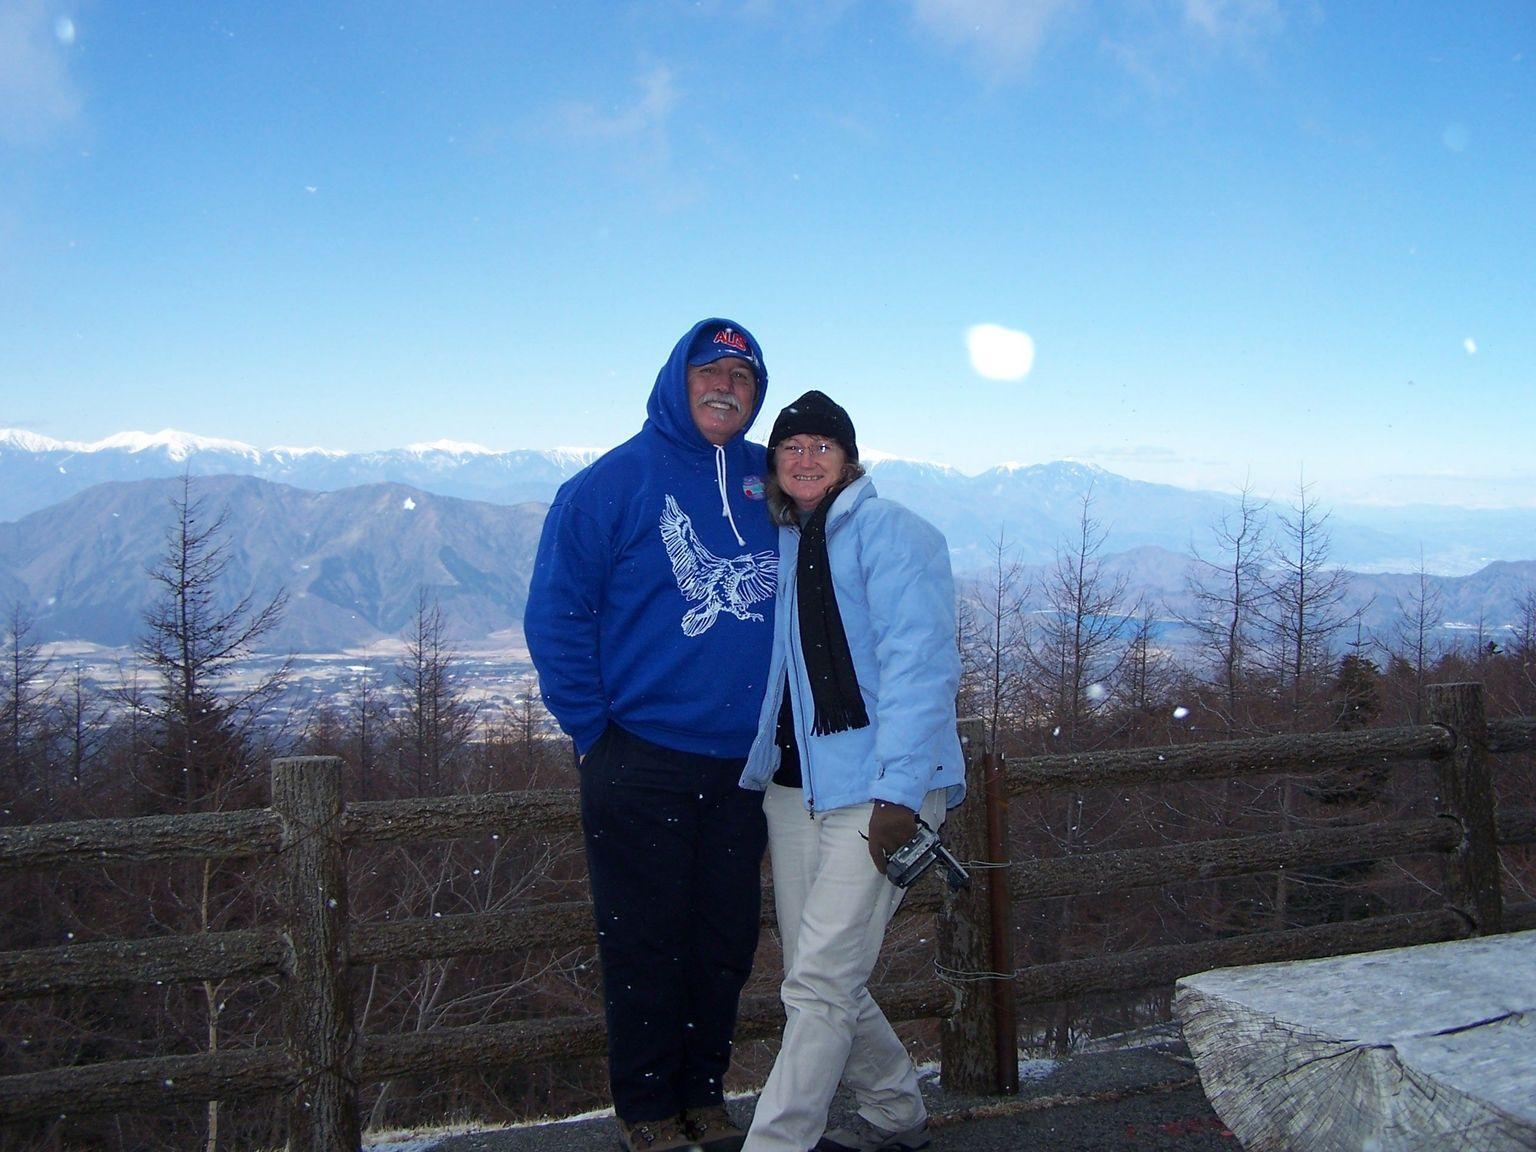 MÁS FOTOS, Escapada de un día al Monte Fuji, Hakone y el lago Ashi desde Tokio en tren bala